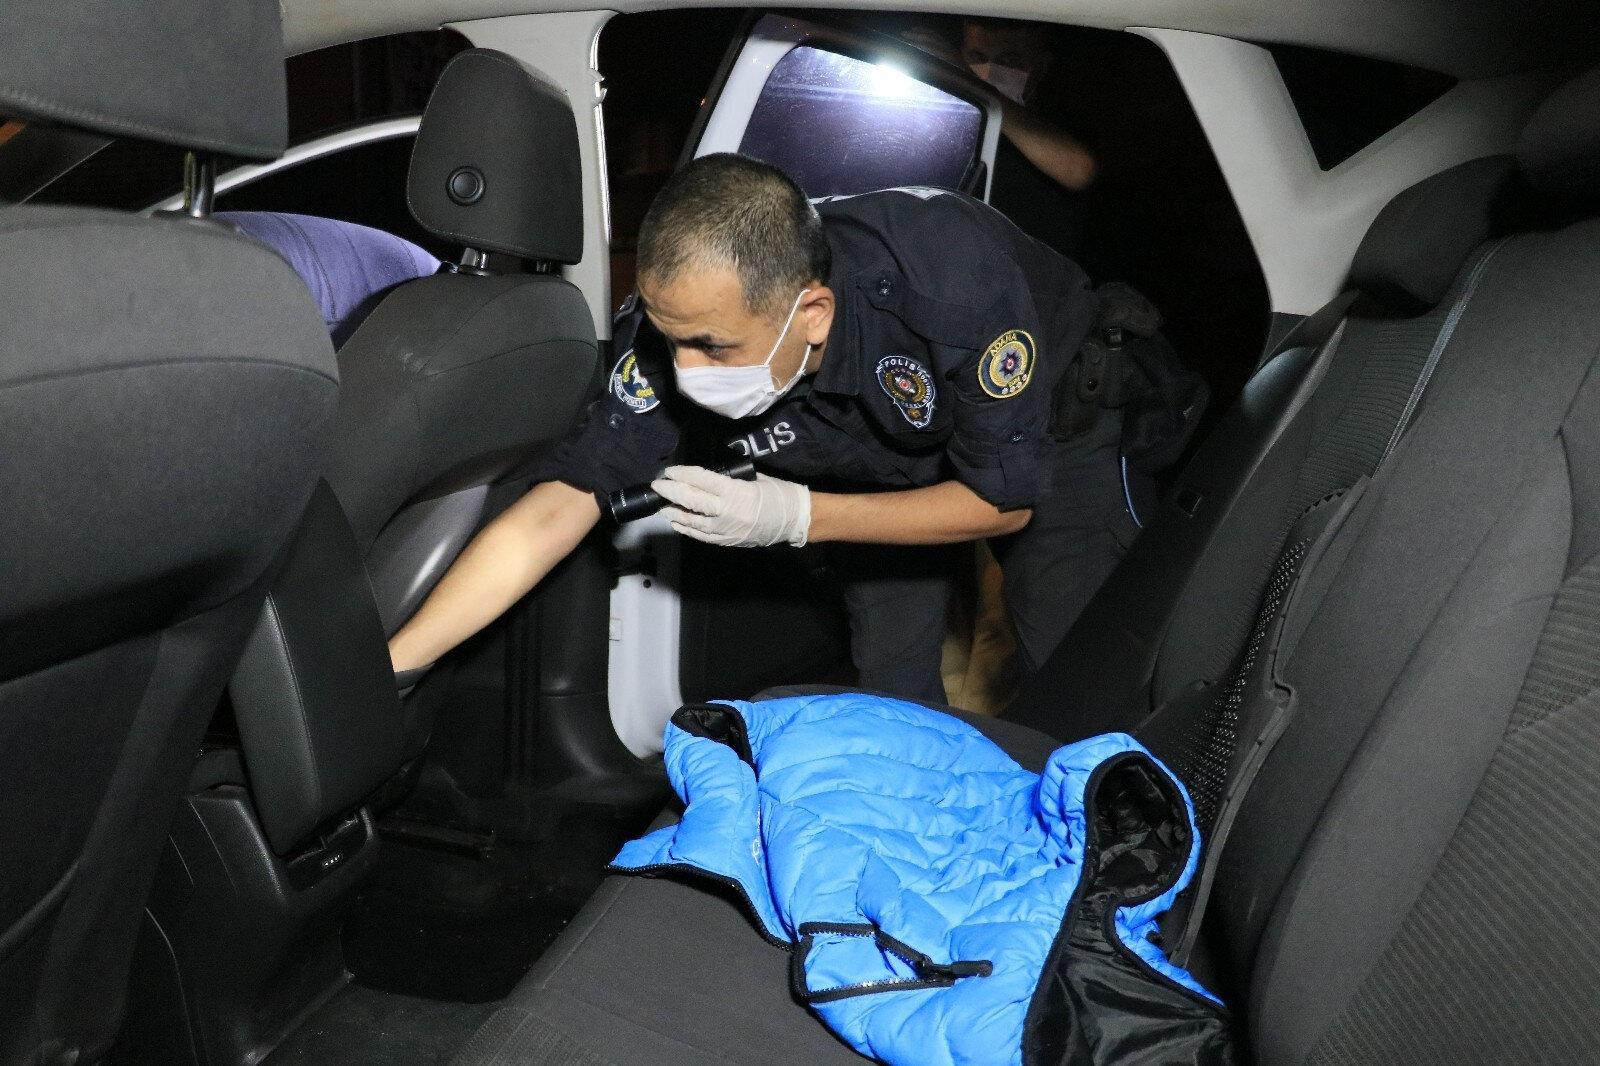 Kovalamaca sonucu yakalanan otomobildeki maske kutusundan uyuşturucu çıktı.